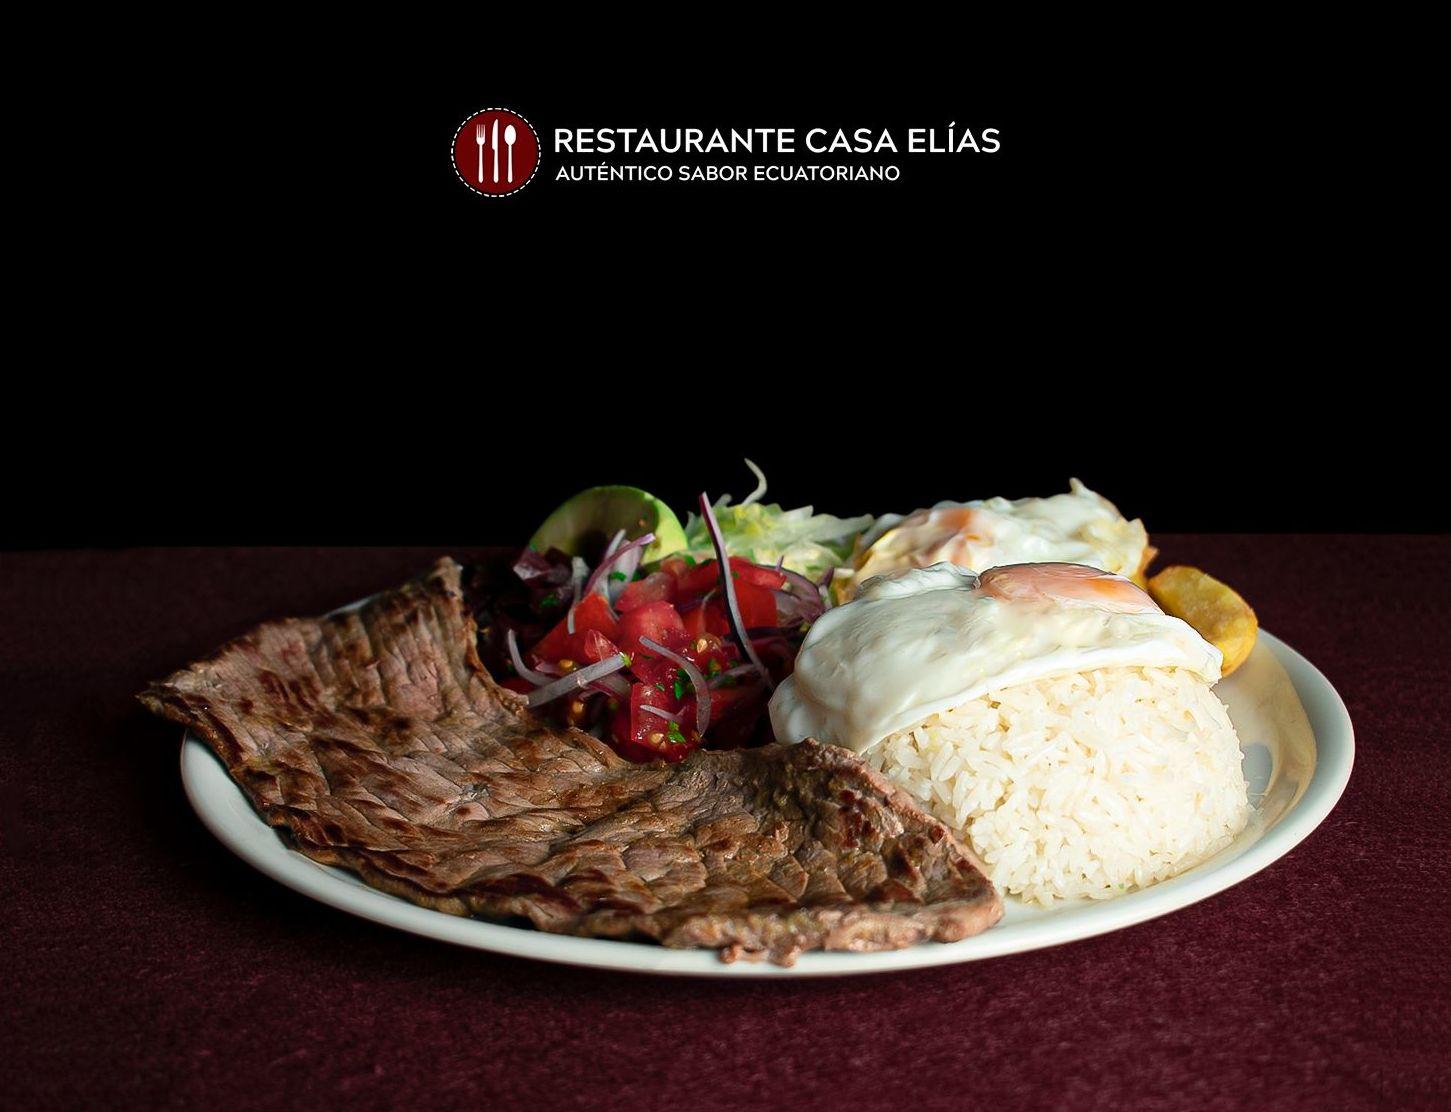 Churrasco: Carta de Restaurante Casa Elías